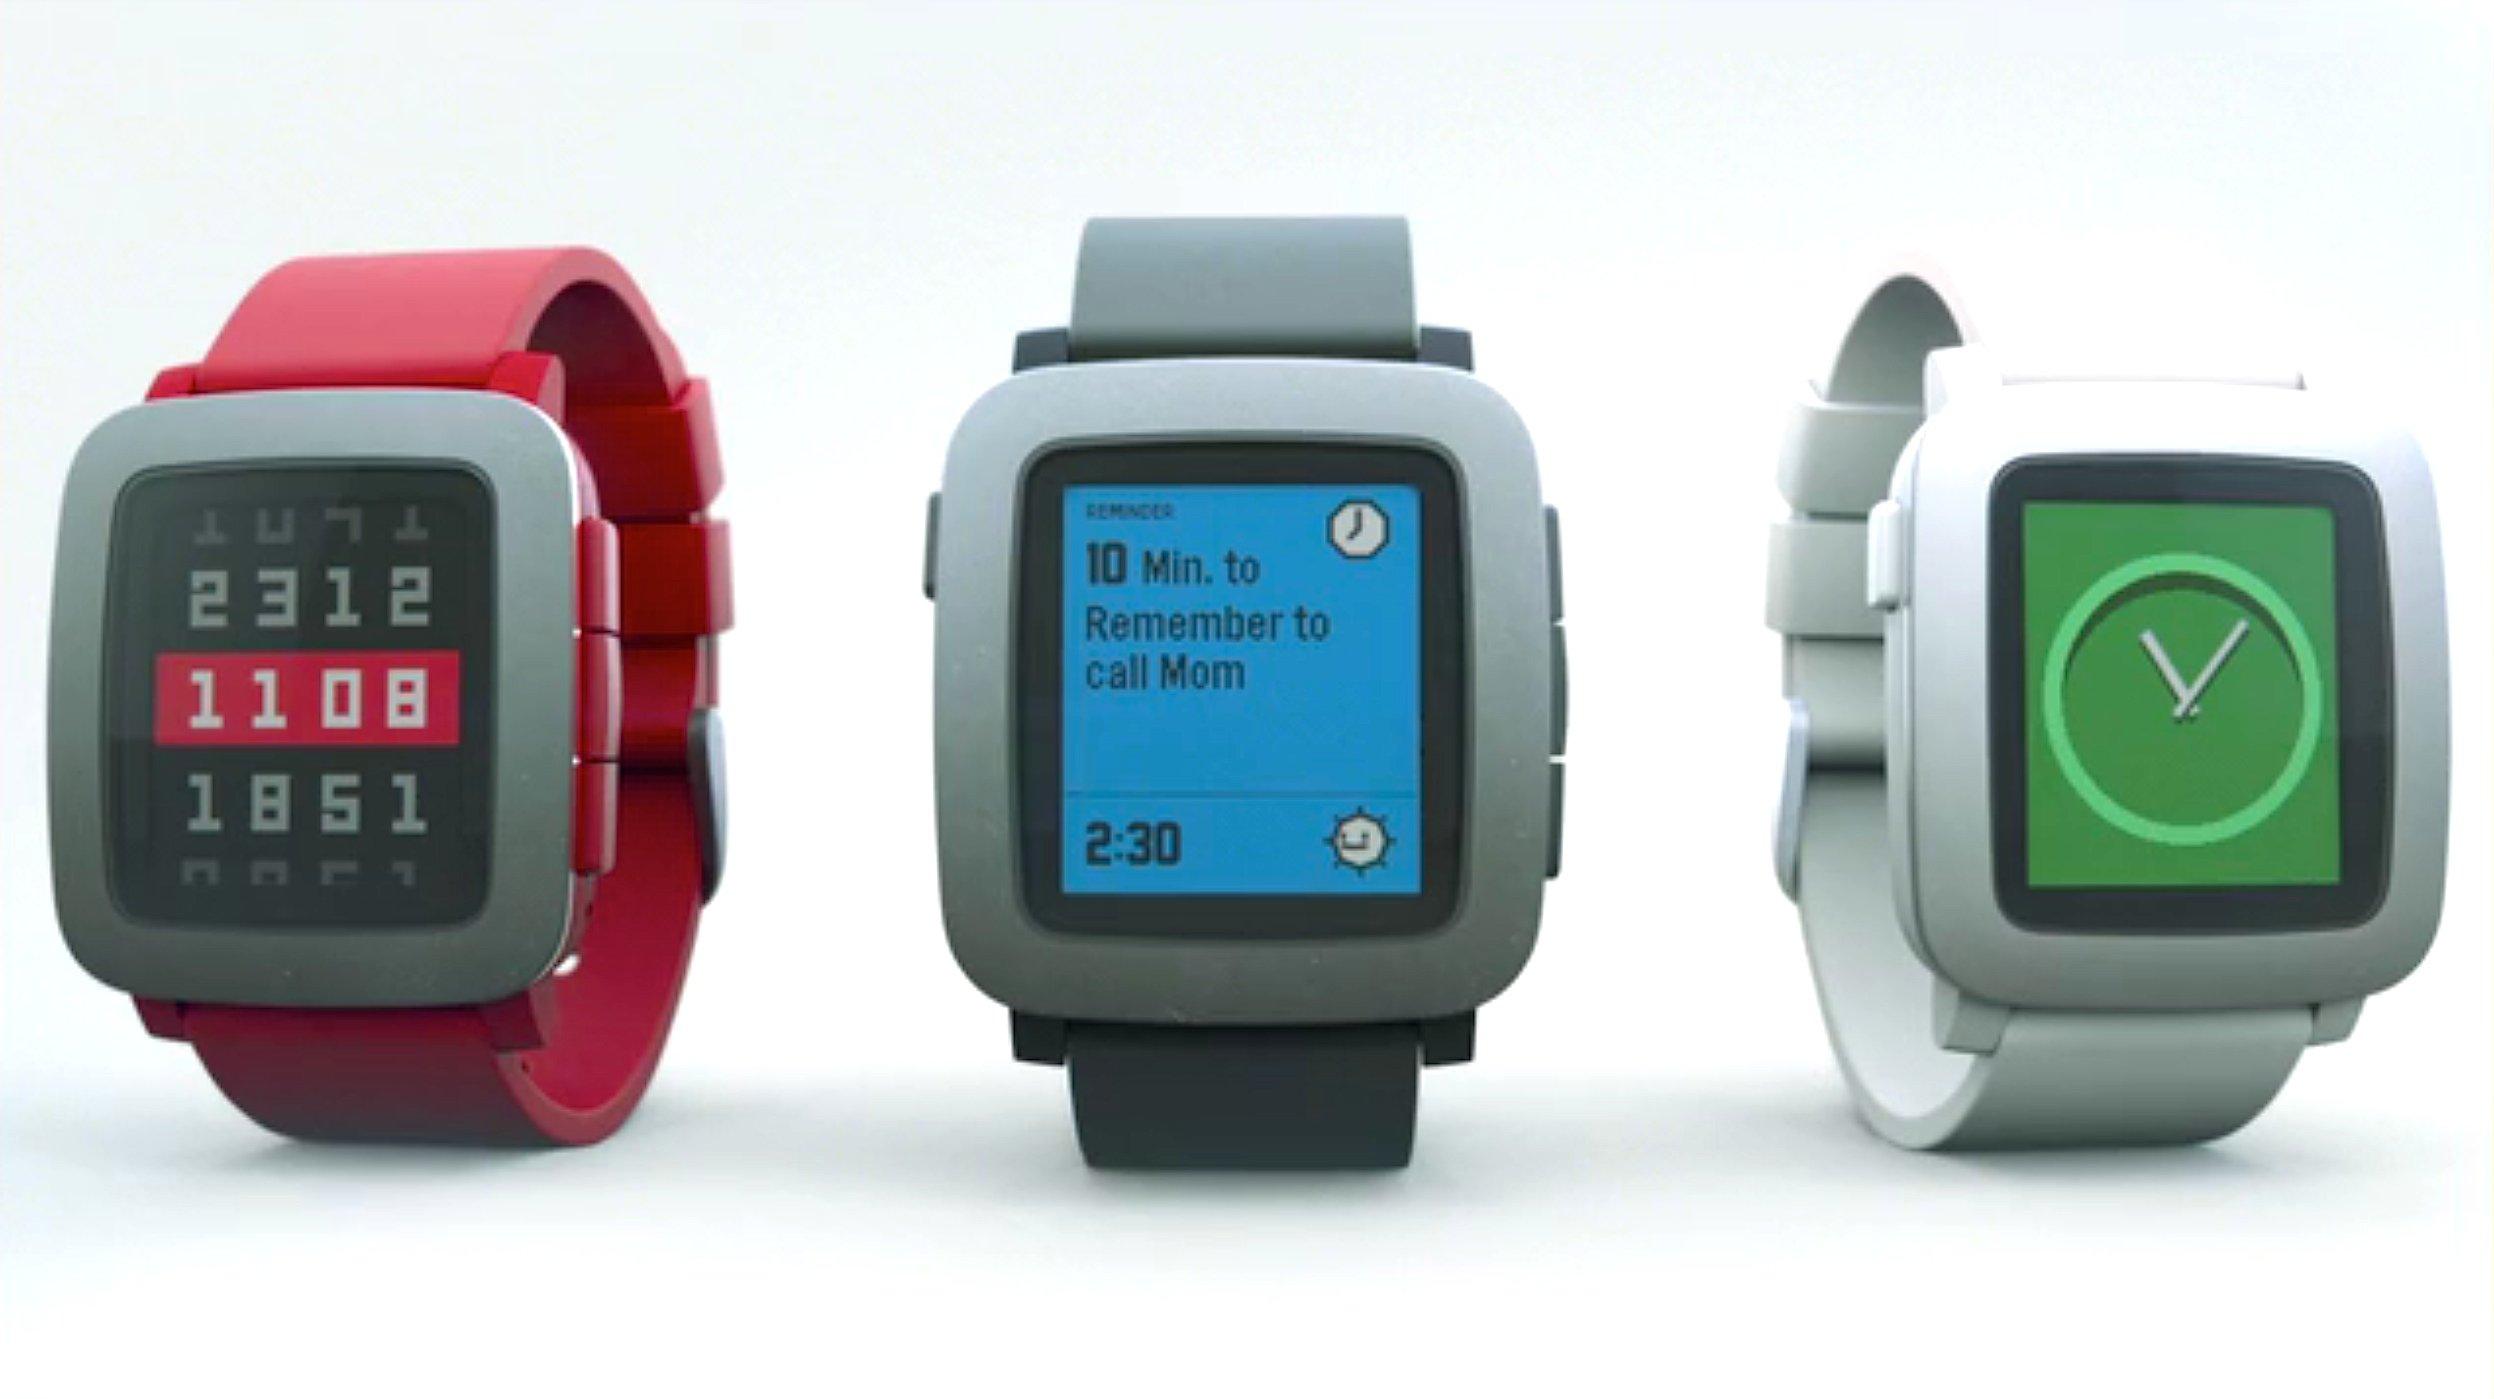 Die Pebble-Watch gibt es jetzt auch in Farbe. Auf Kickstarter hat das junge Unternehmen innerhalb nur eines Tages mehr als 40.000 Uhren verkauft und fast neun Millionen US-Dollar eingenommen.